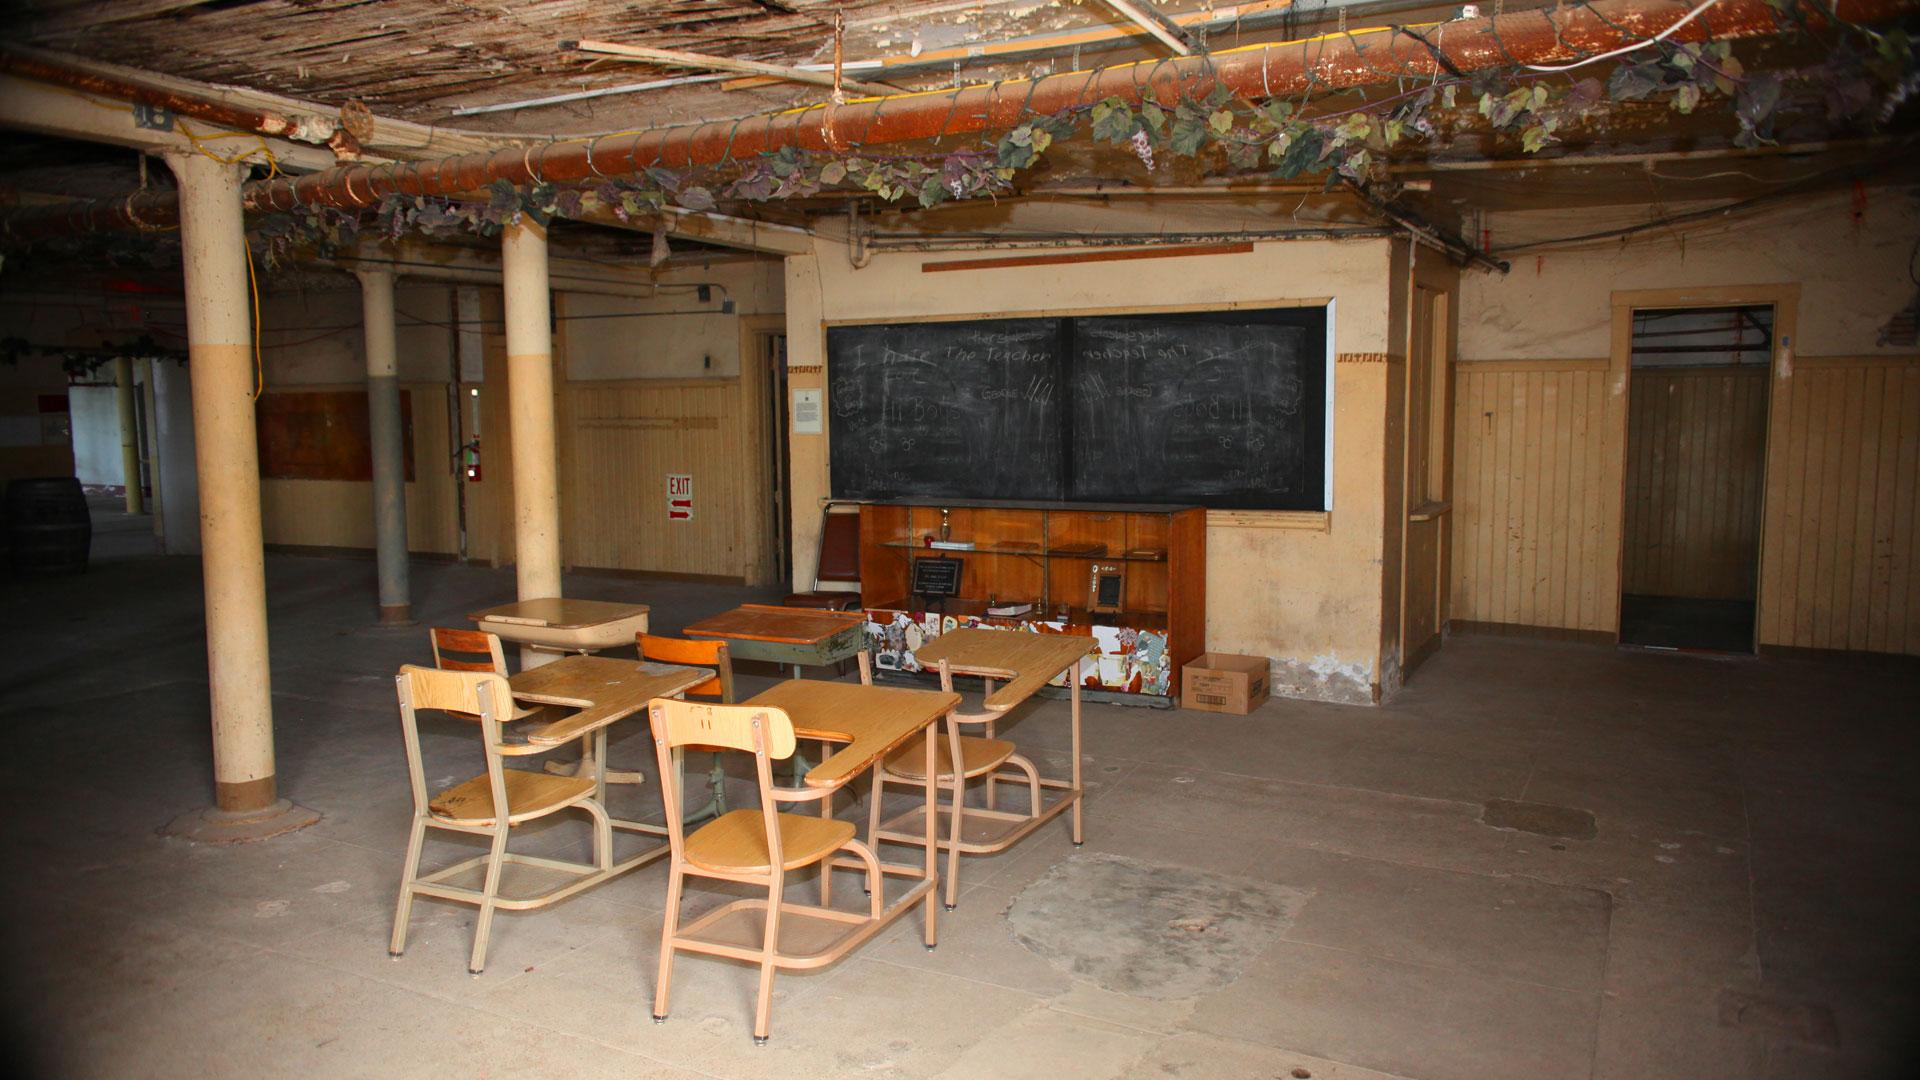 Preston Castle classroom.